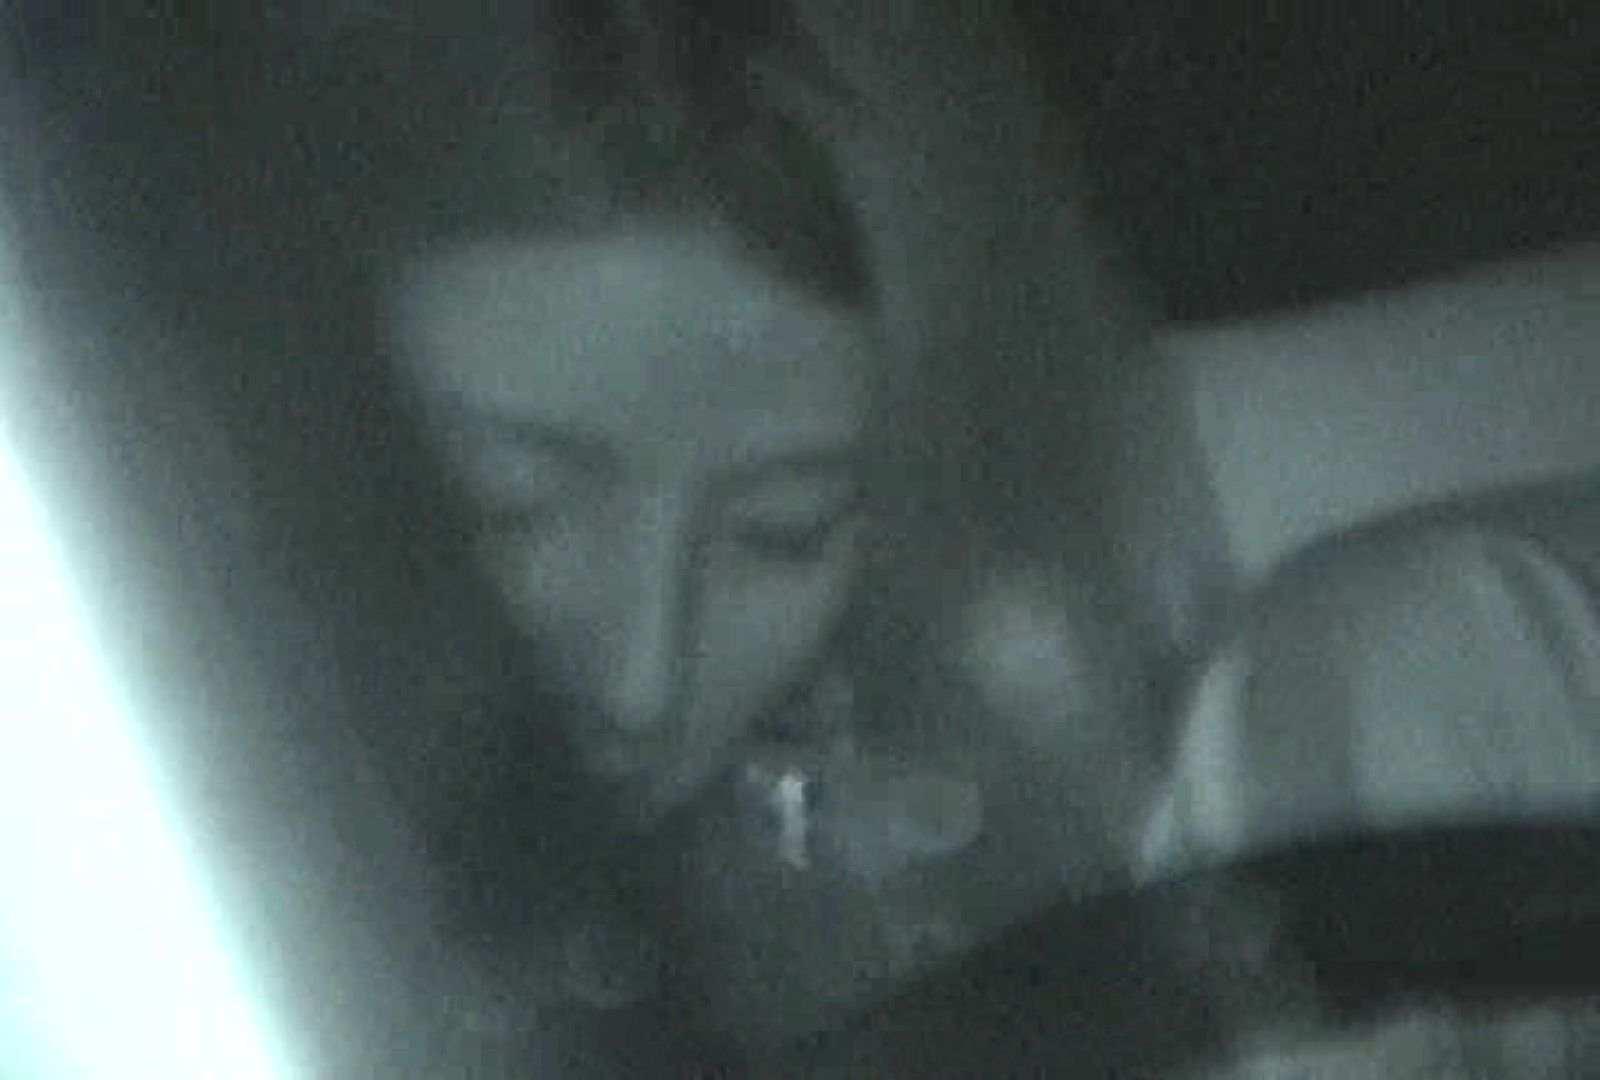 充血監督の深夜の運動会Vol.72 OLの実態 隠し撮りAV無料 59pic 20